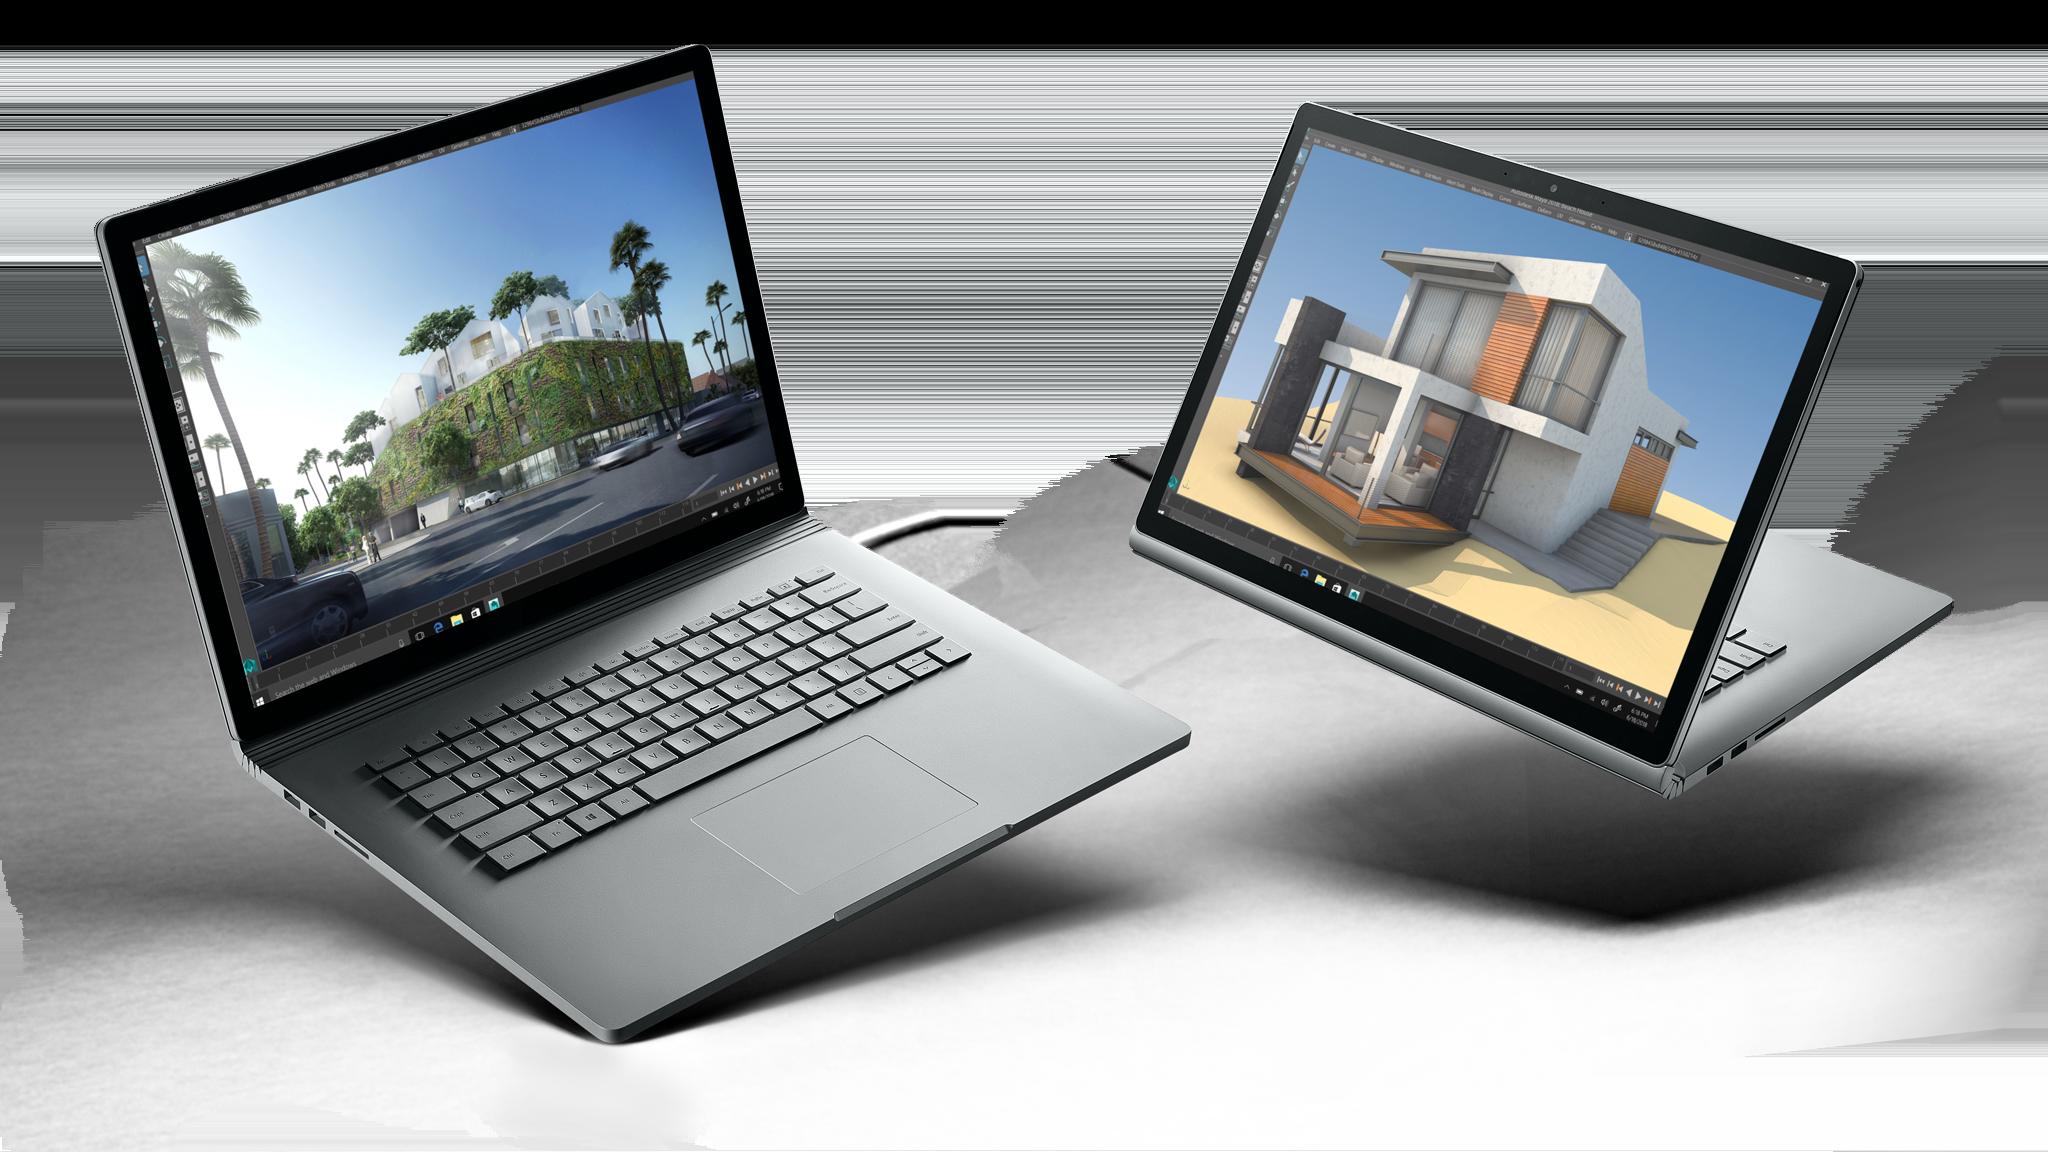 나란히 놓여 있는 Surface Book 2 13.5인치 및 Surface Book 2 15인치